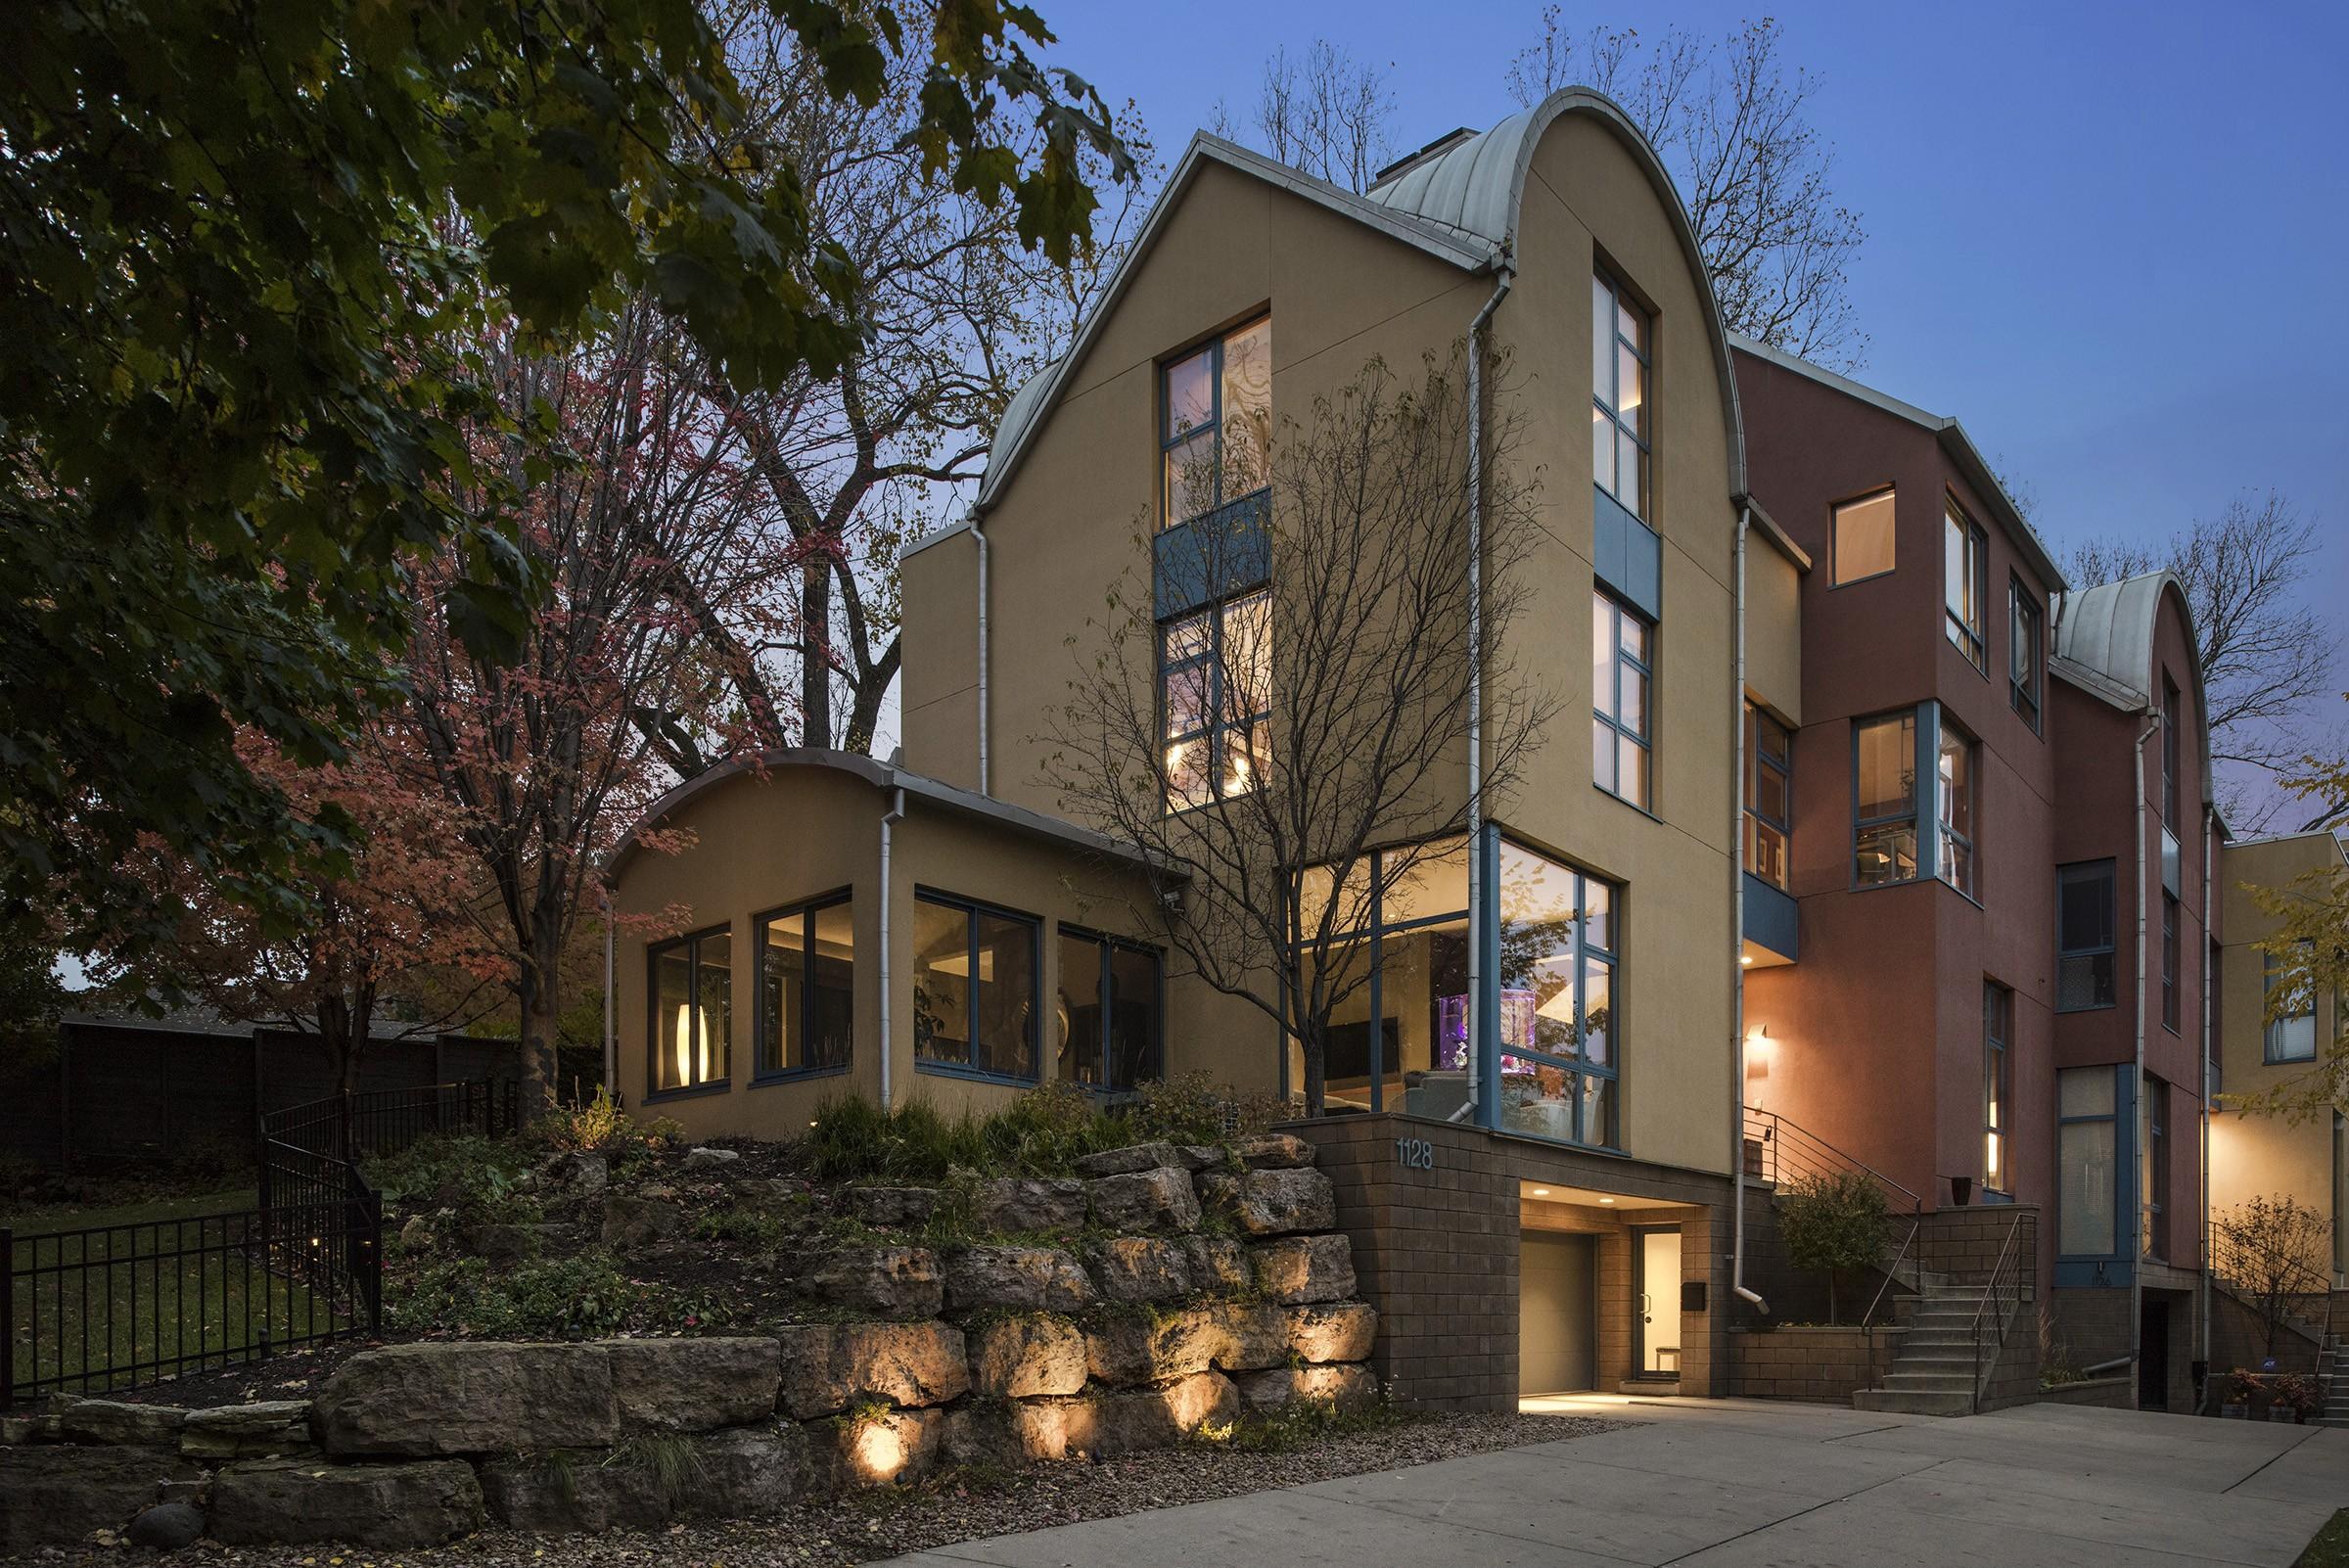 联栋屋 为 销售 在 1128 Kenwood Parkway 明尼阿波利斯市, 明尼苏达州, 55403 美国